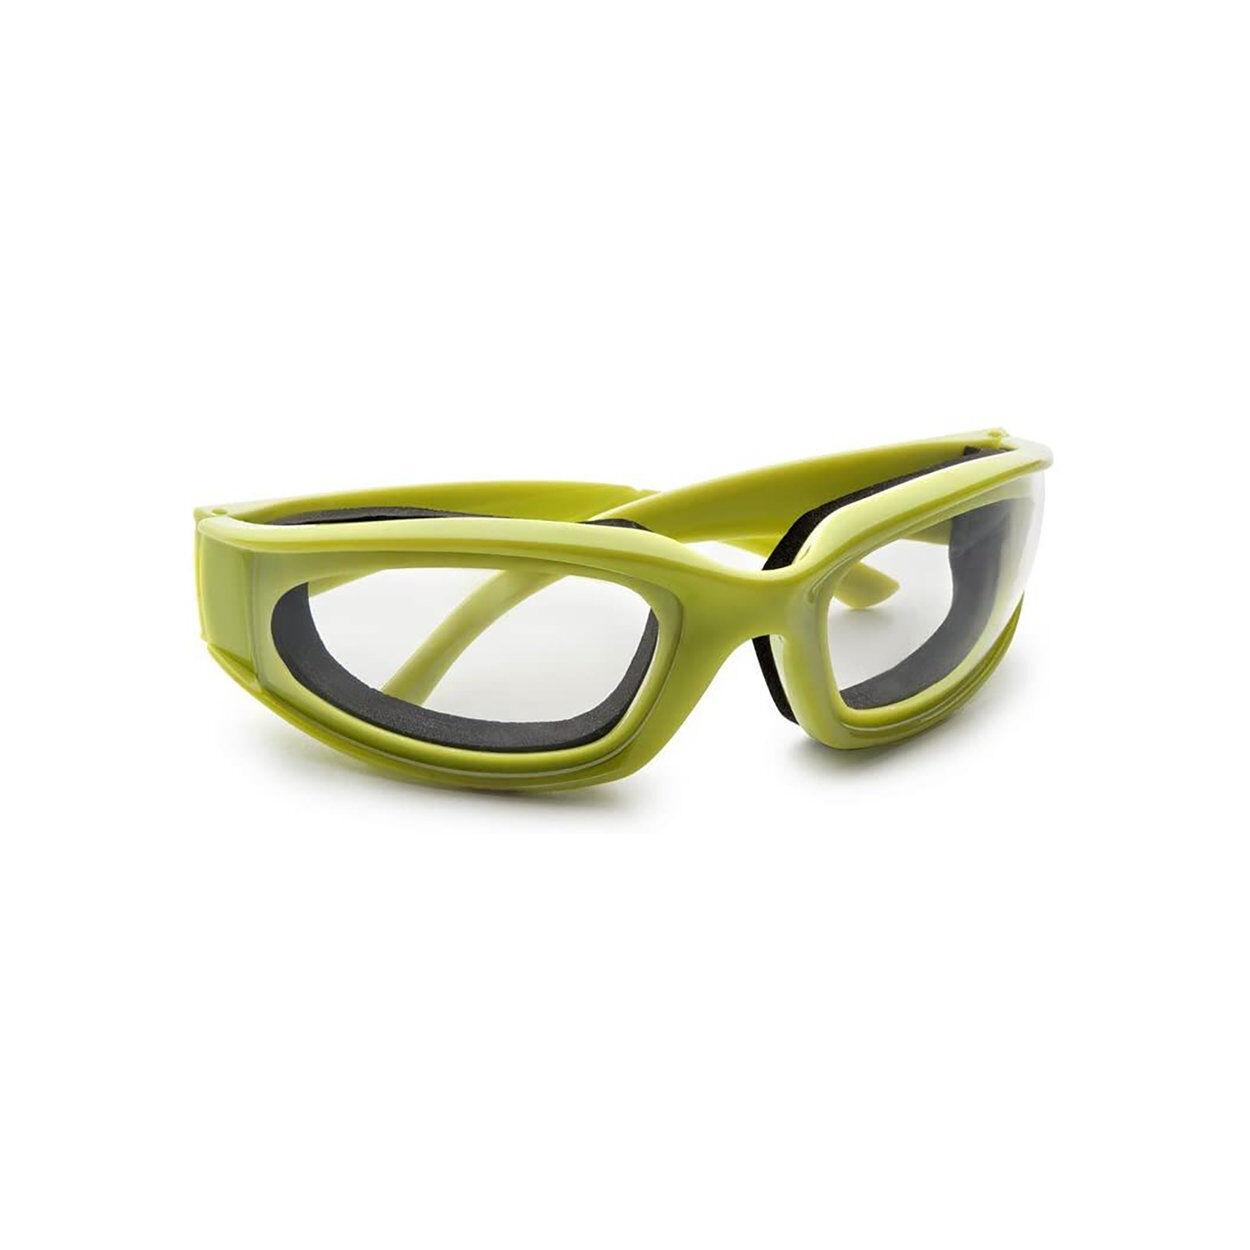 ibili occhiali di protezione per tagliare cipolla, verde